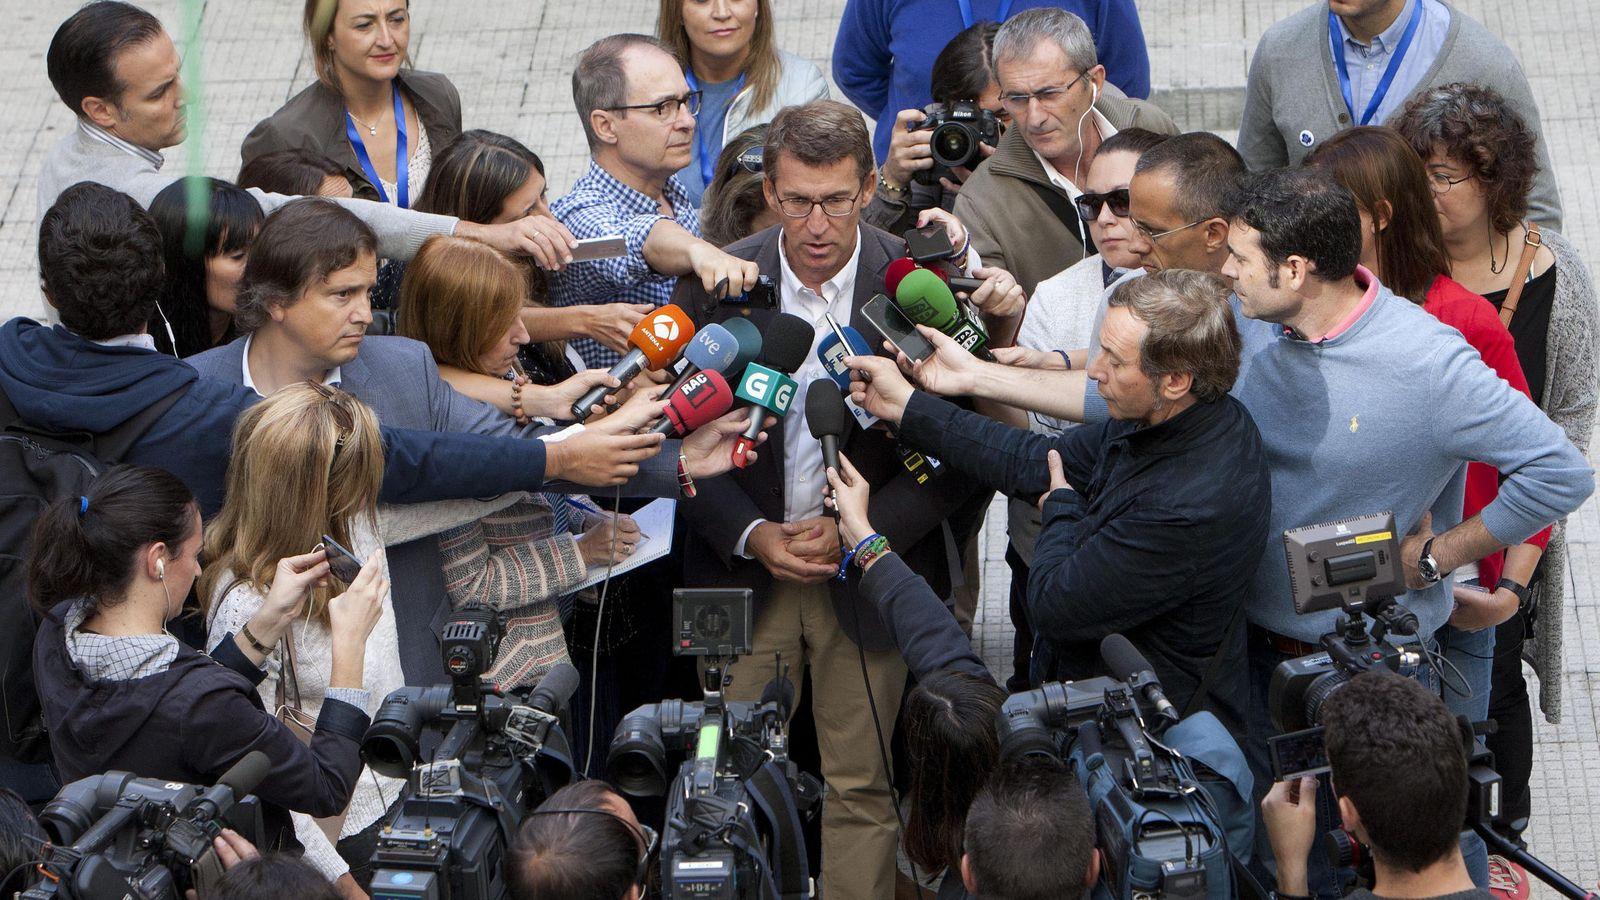 Foto: El candidato del PP a la Presidencia de la Xunta, Alberto Núñez Feijóo, después de ejercer su derecho al voto (EFE)